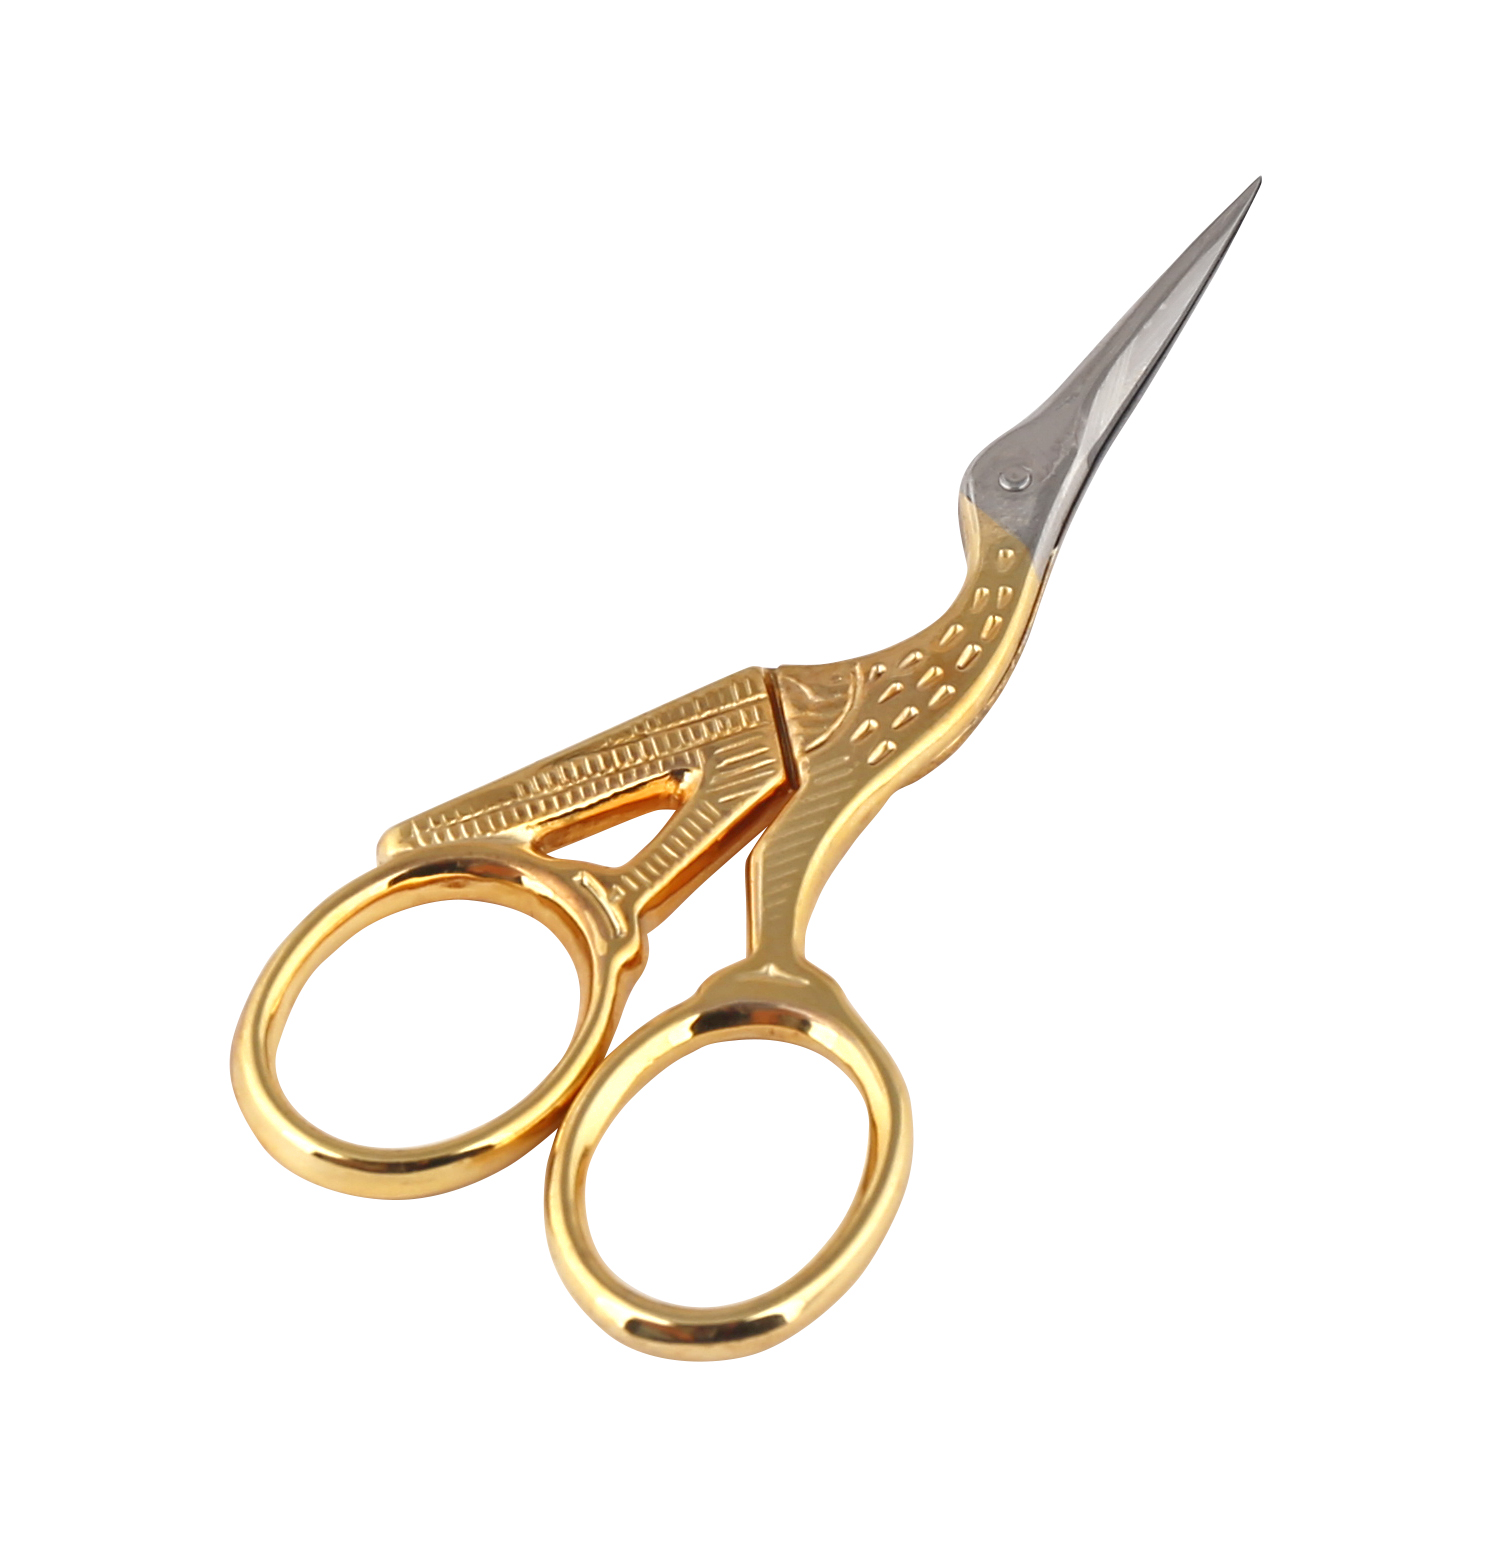 Ножницы вышивальные Premax Цапельки, цвет: золотистый, длина 9,3 смPremax F 7125D (3,5) ножницыВышивальные ножницы Premax Цапельки изготовлены из нержавеющей стали в форме цапли. Предназначены для обрезания ниток, выполнения подсечек и прочих мелких работ.Ножницы имеют удобные ручки с золотистым покрытием. Длина ножниц: 9,3 см.Длина лезвия: 2,5 см.